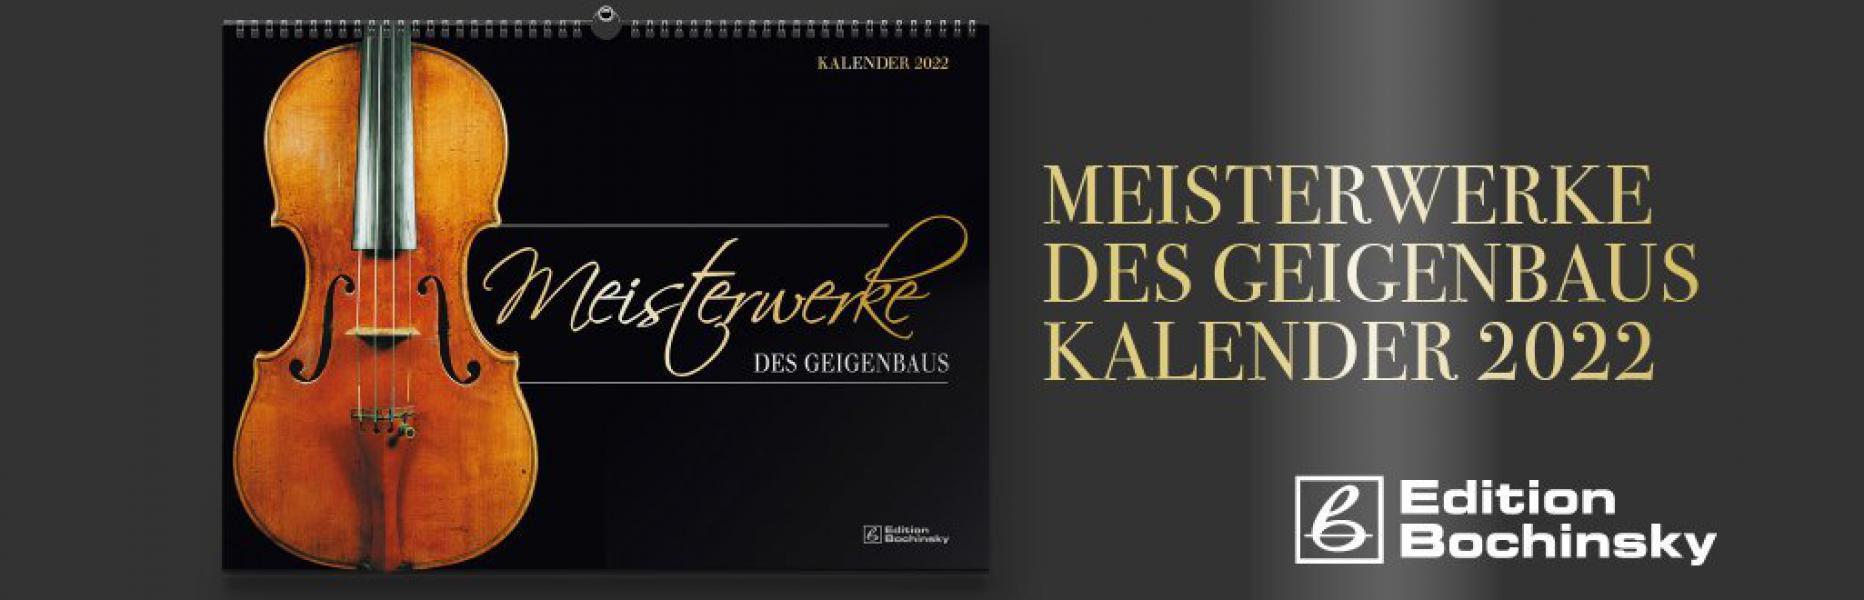 Meisterwerke des Geigenbaus Kalender 2022